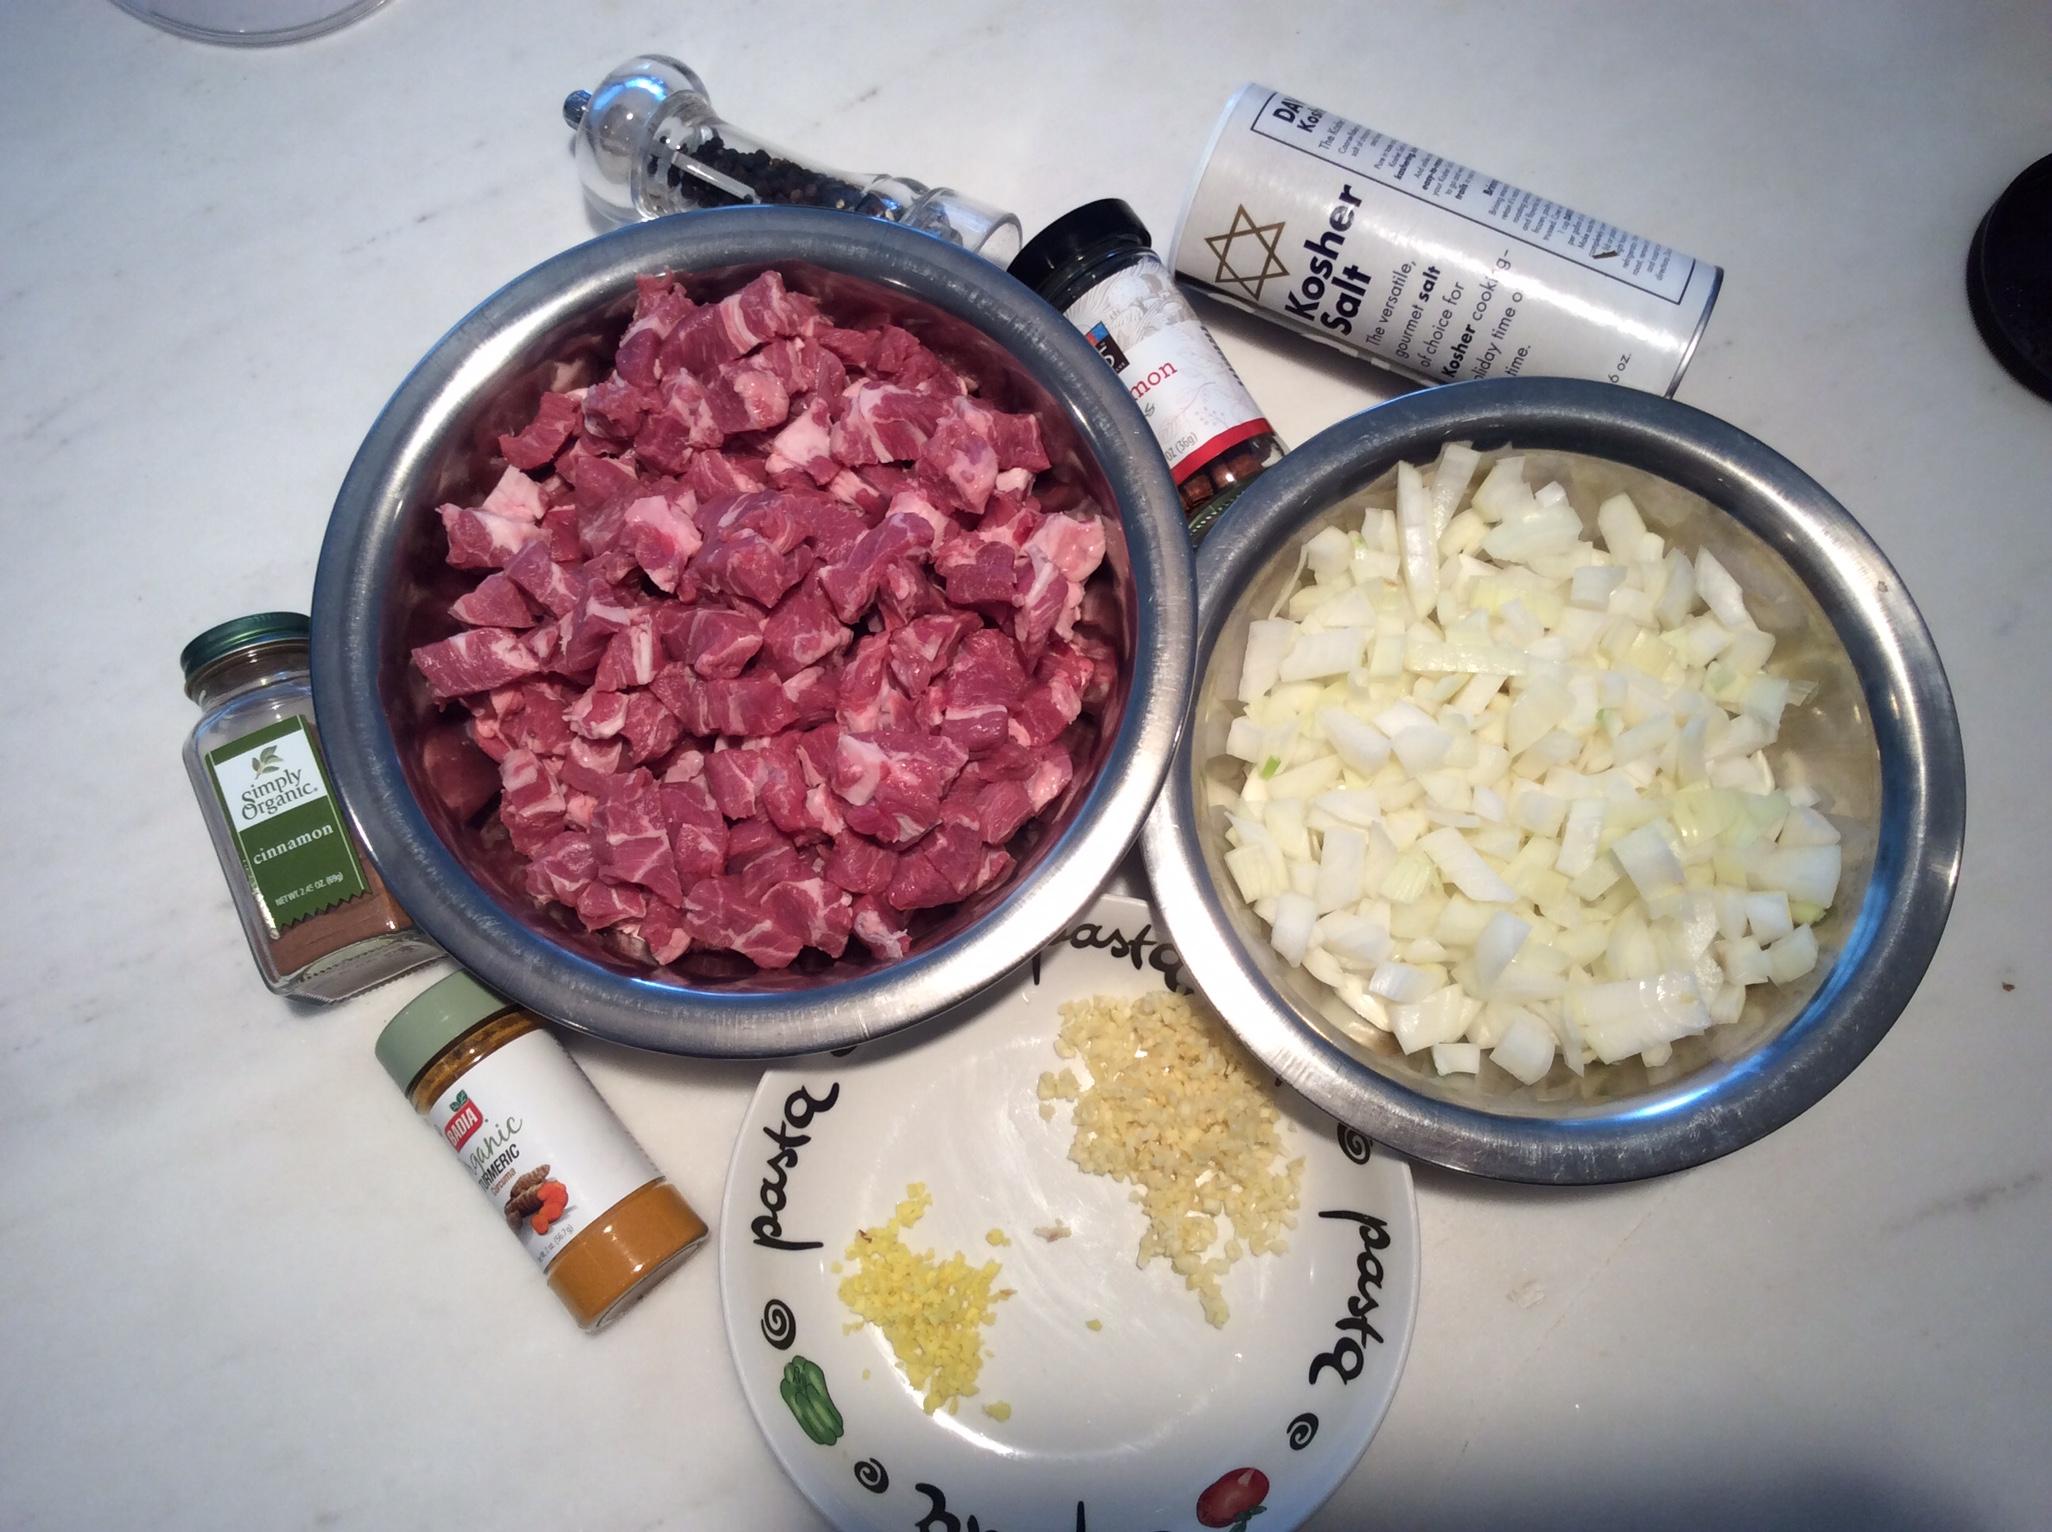 Parte dos ingredientes que usei. Faltaram aí as ameixas, o caldo, os pinholi, o azeite e as ervas frescas.